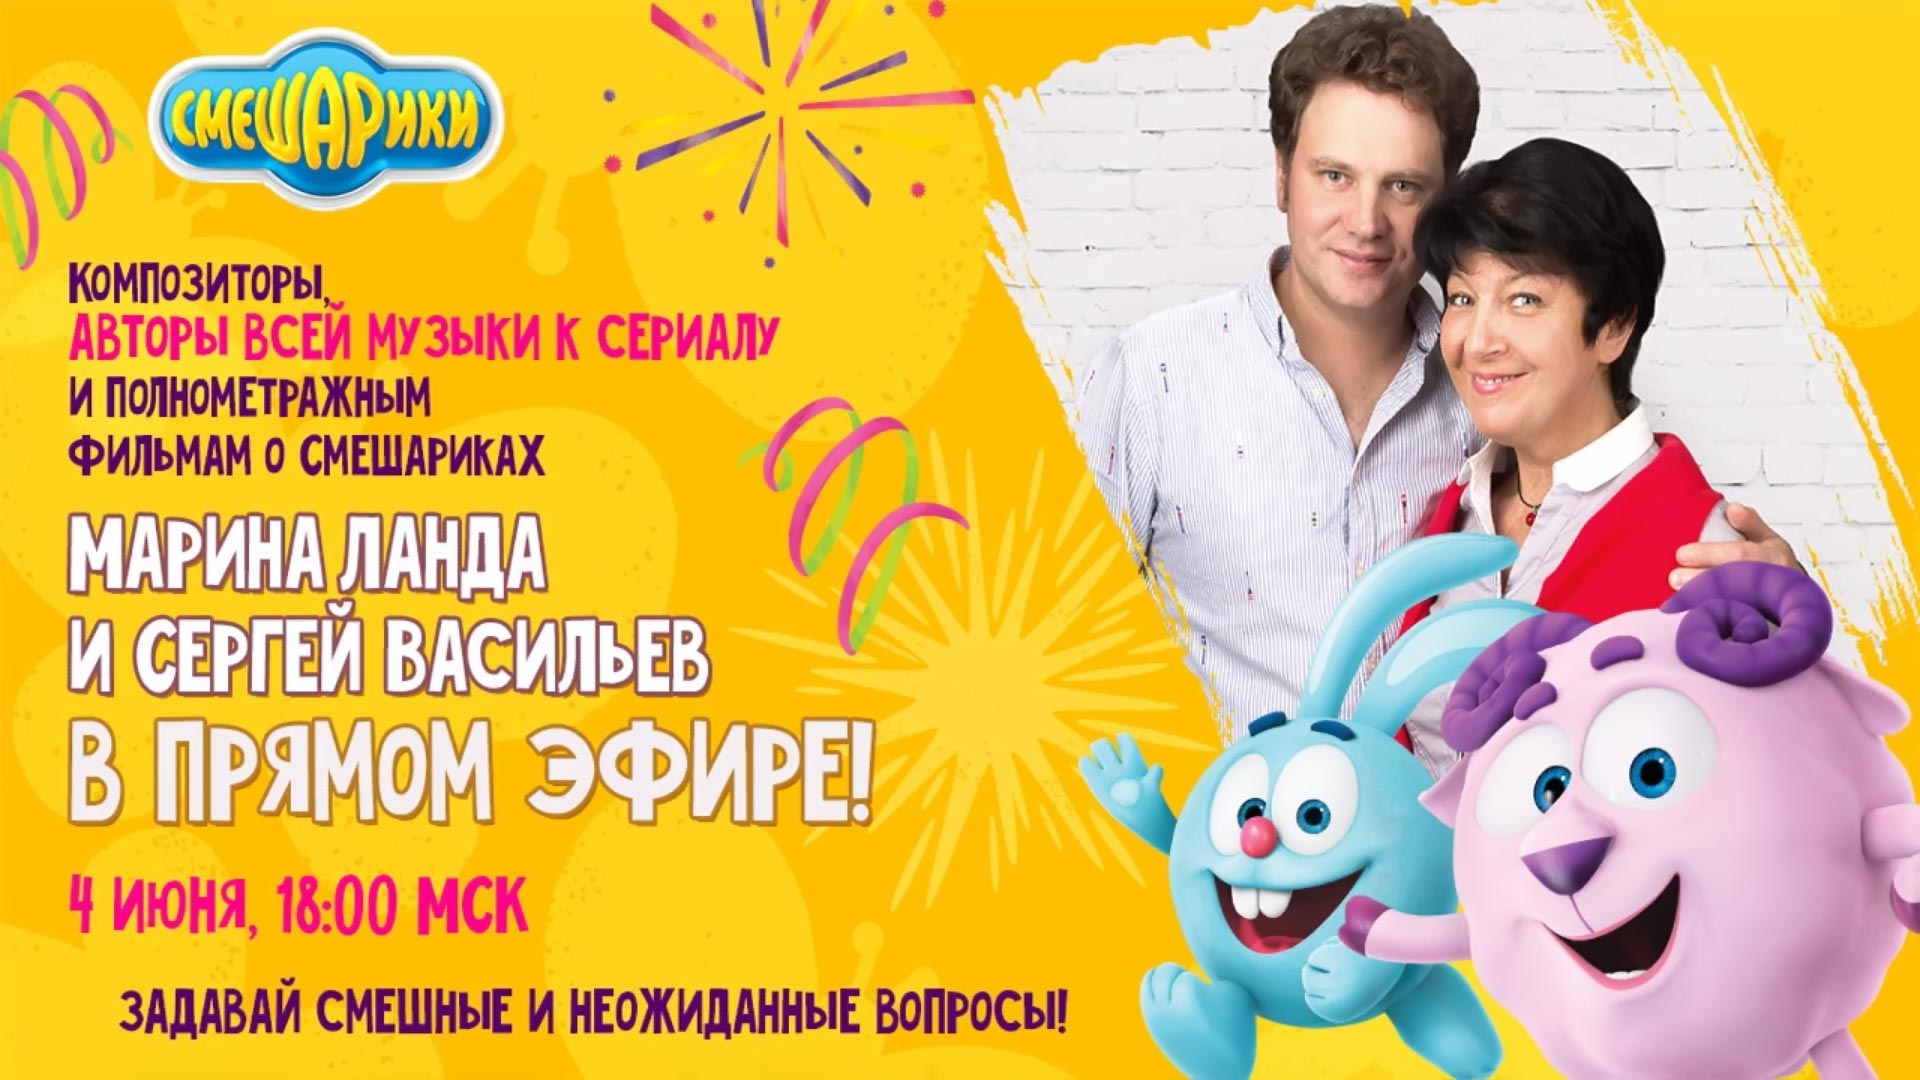 Смешарикам — 15 лет. Марина Ланда и Сергей Васильев в прямом эфире